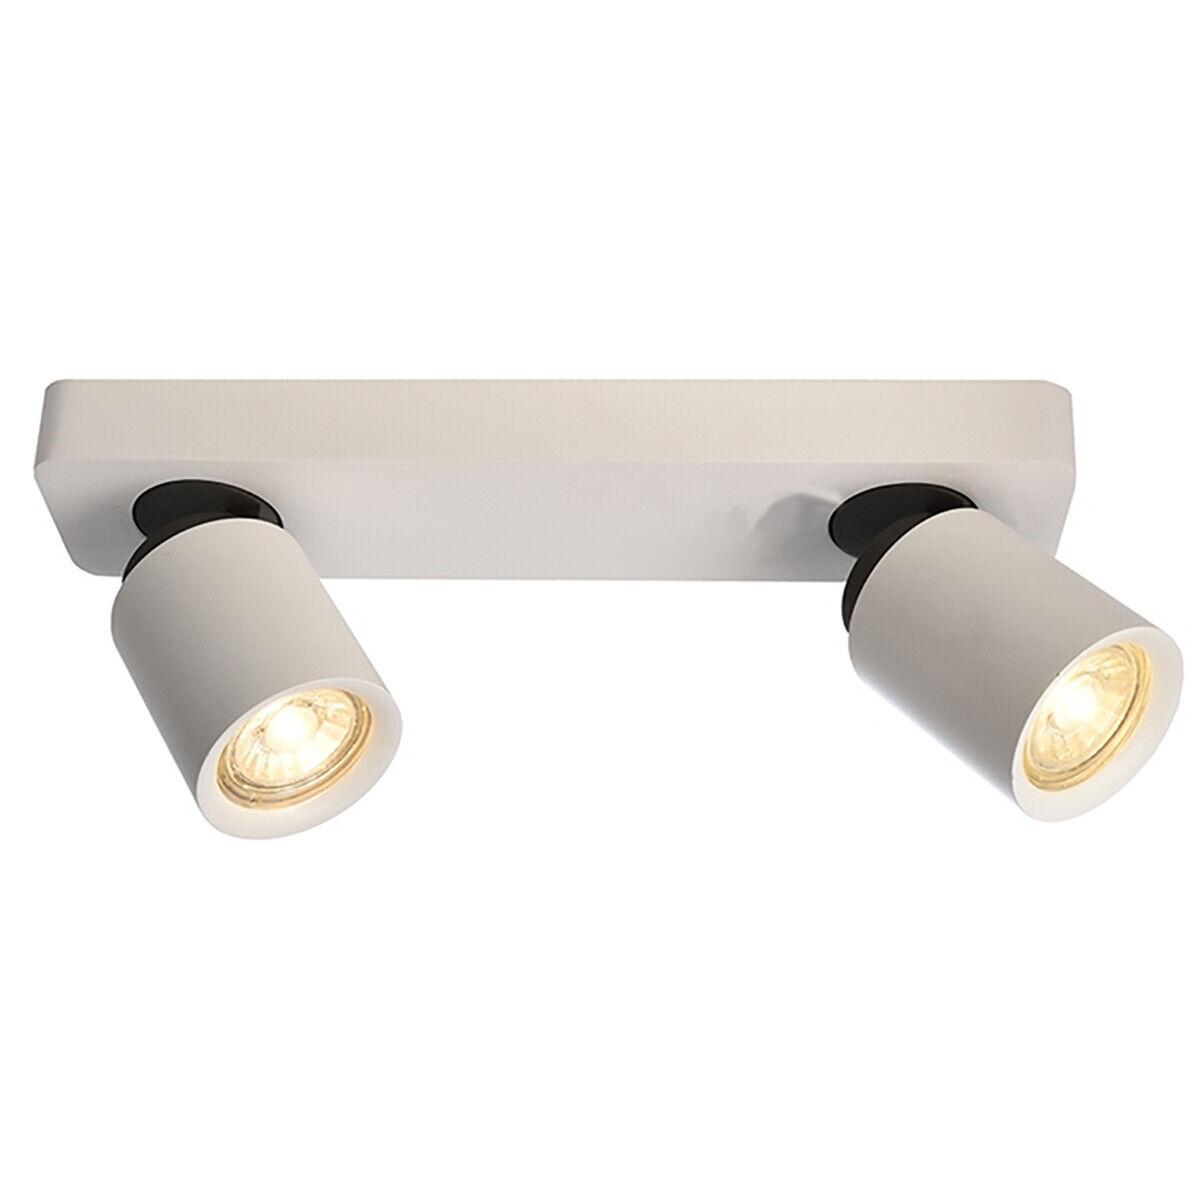 Strahler Leuchter Decke 2 Lichter LED 10w GU10 Schaufenster Kader Büro Haus 230v